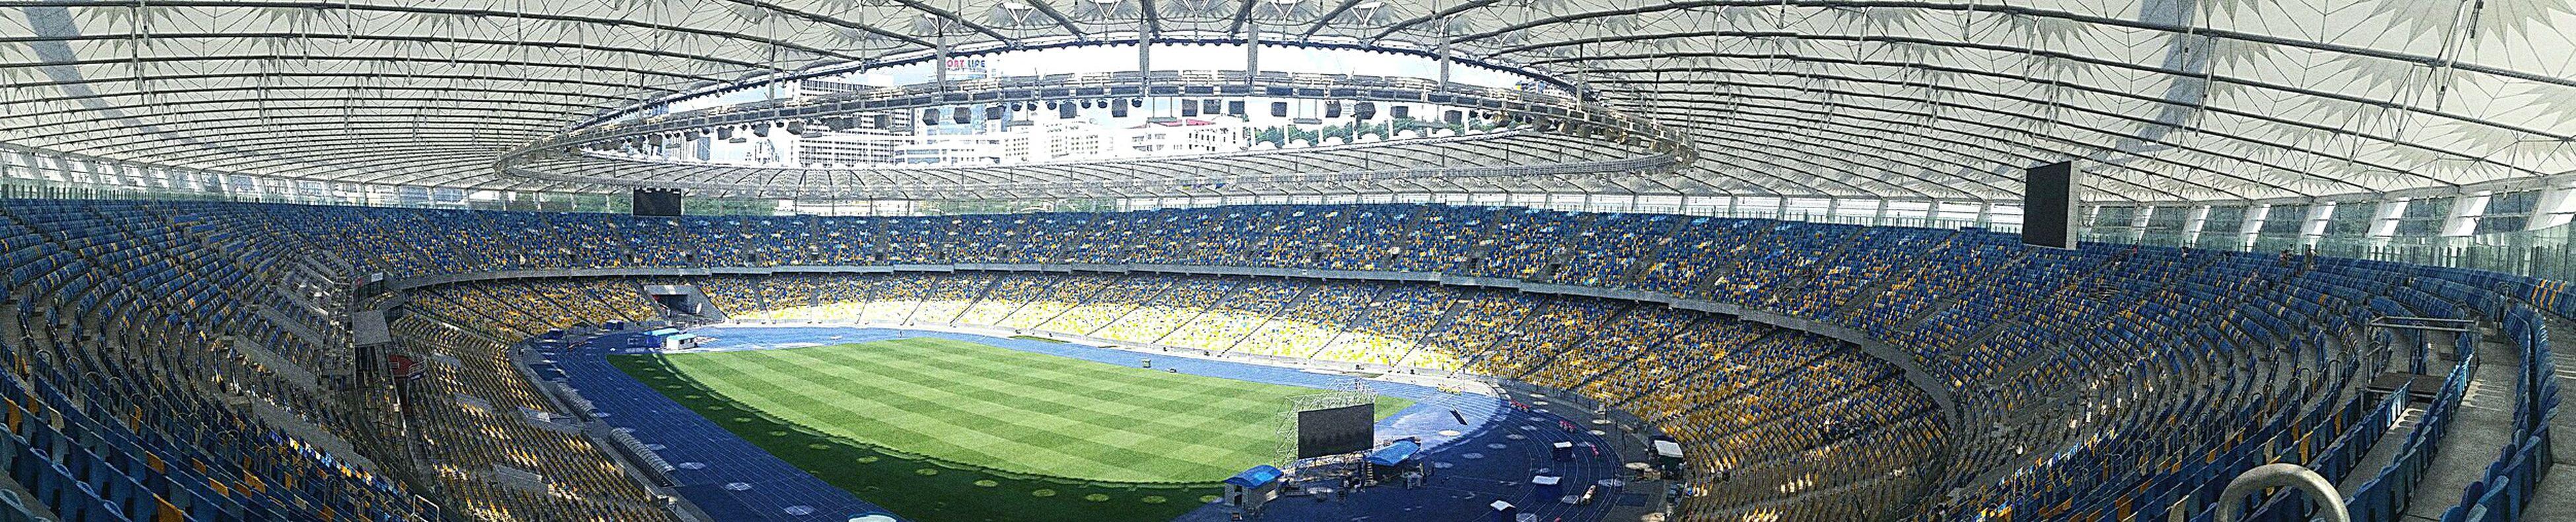 Stadium Nsk_olimpiyskiy